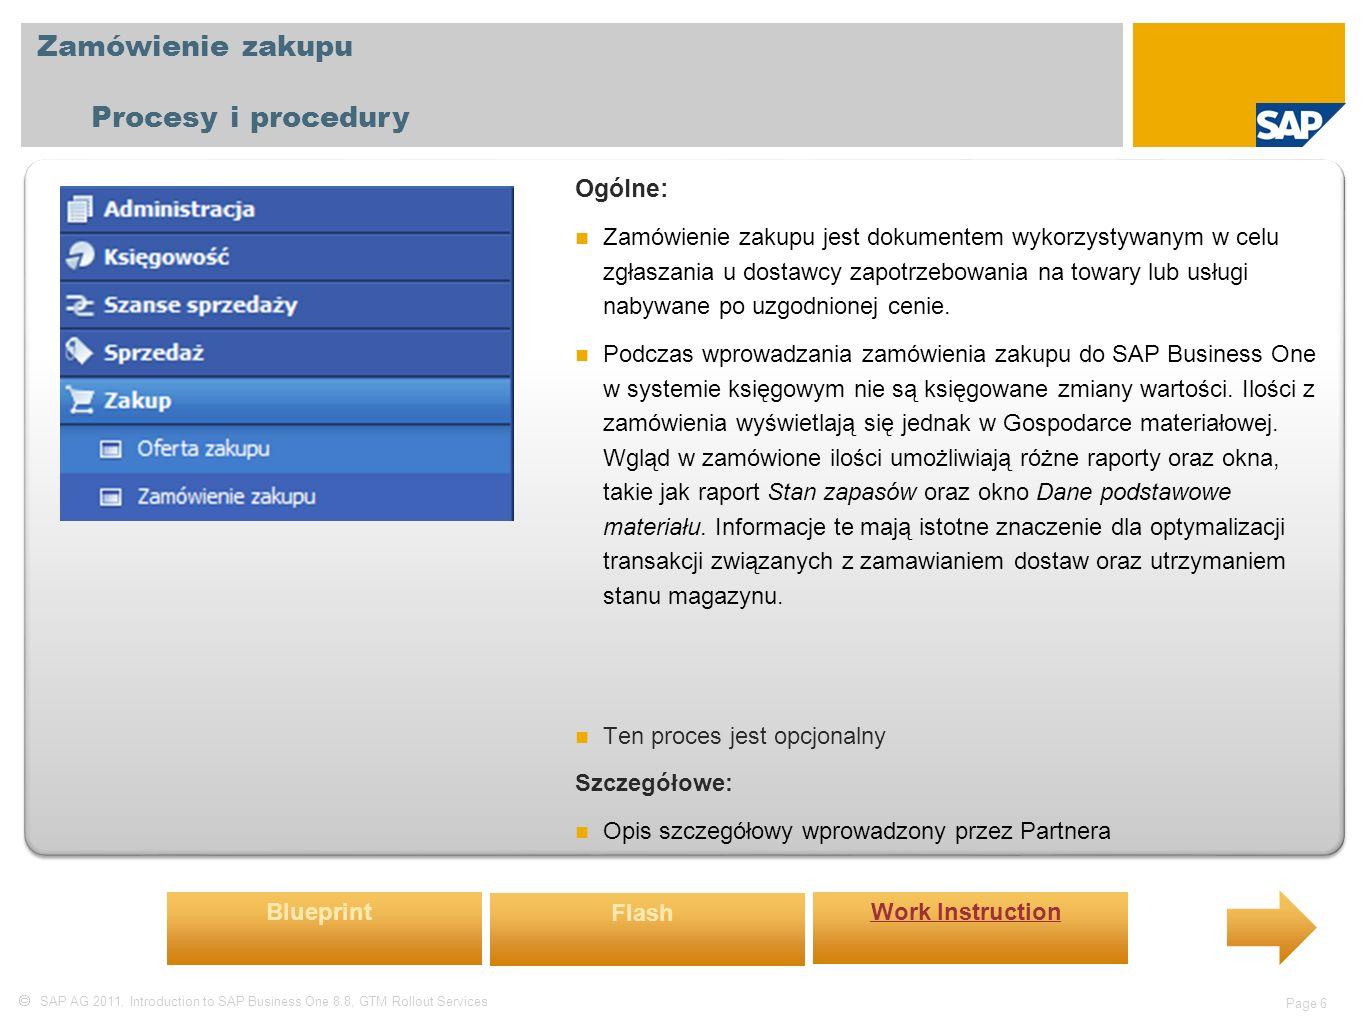  SAP AG 2011, Introduction to SAP Business One 8.8, GTM Rollout Services Page 6 Zamówienie zakupu Procesy i procedury Ogólne: Zamówienie zakupu jest dokumentem wykorzystywanym w celu zgłaszania u dostawcy zapotrzebowania na towary lub usługi nabywane po uzgodnionej cenie.